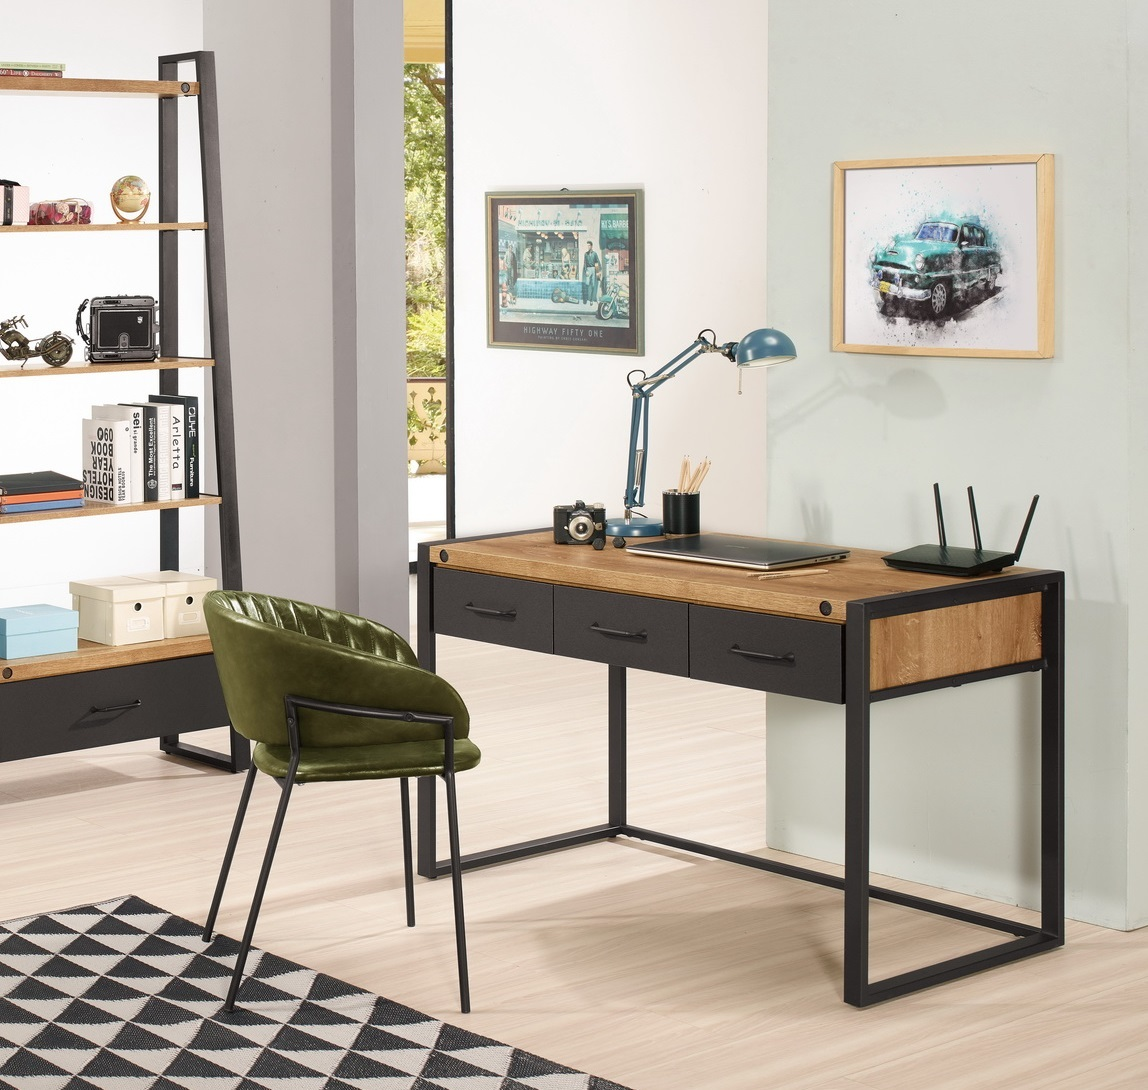 357-6 布朗克斯4尺三抽書桌.jpg